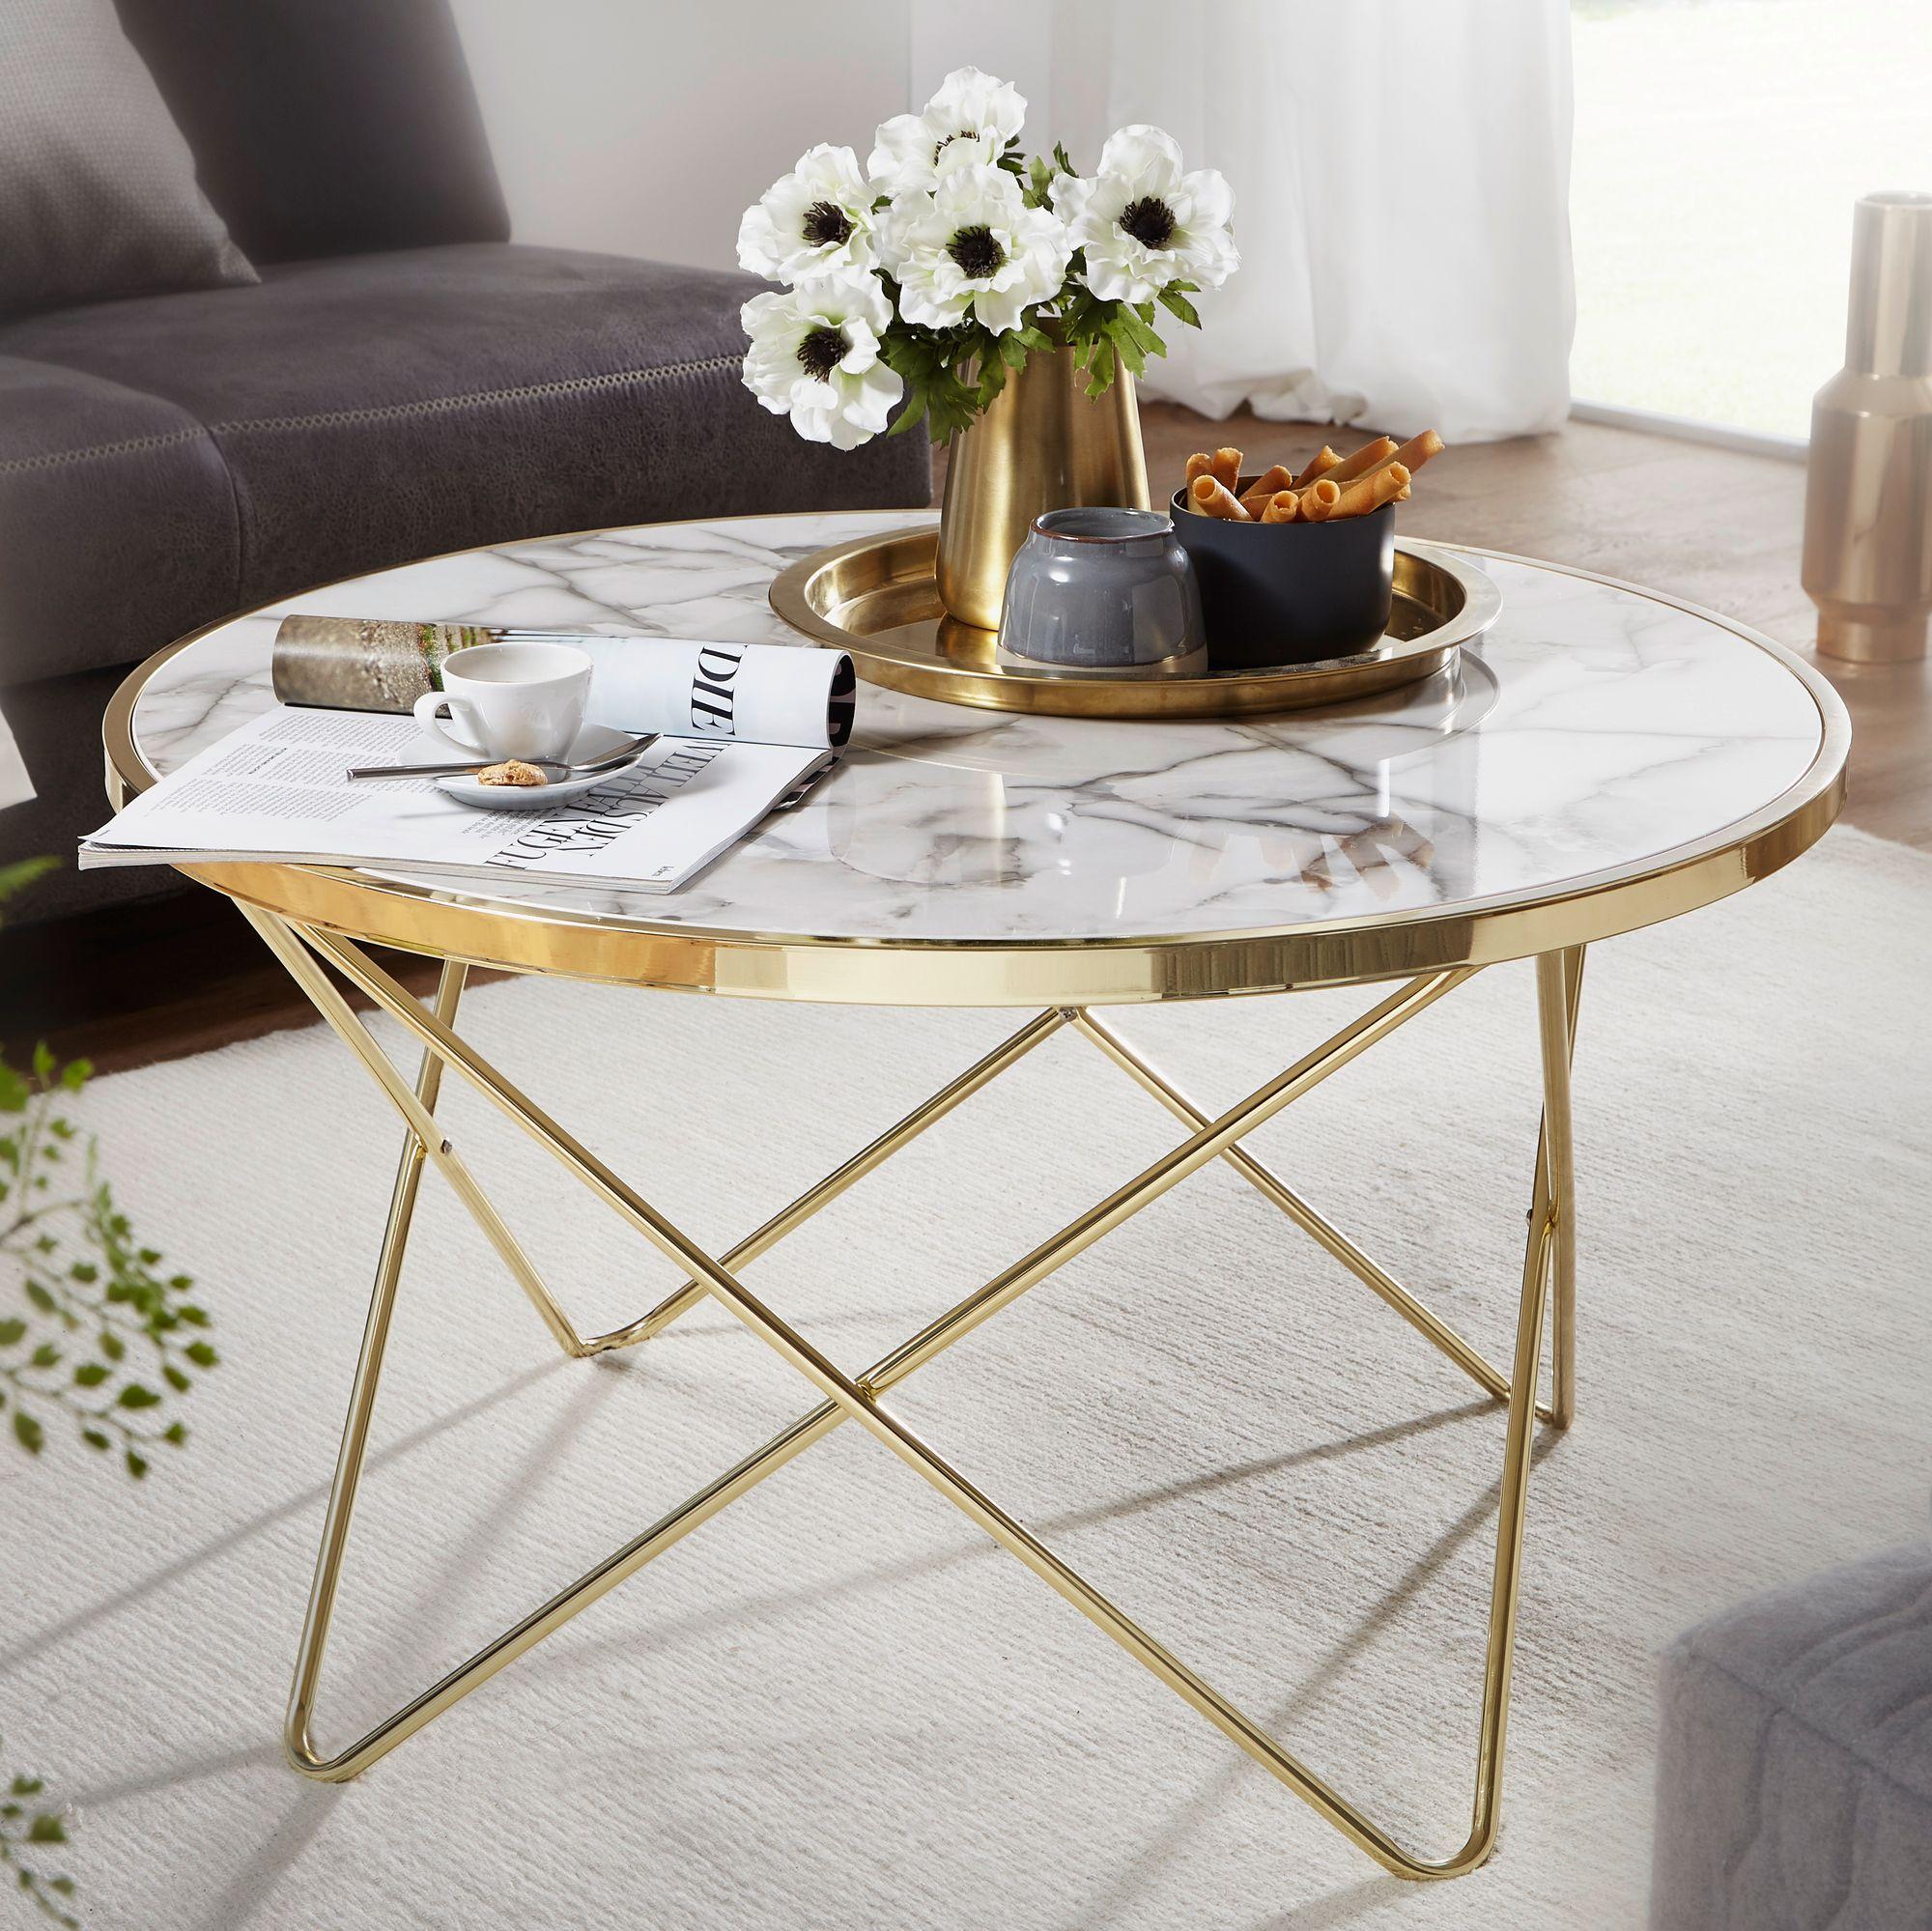 Wohnling Design Couchtisch Marmor Optik Weiss O 85 Cm Gold Wohnzimmertisch Rund